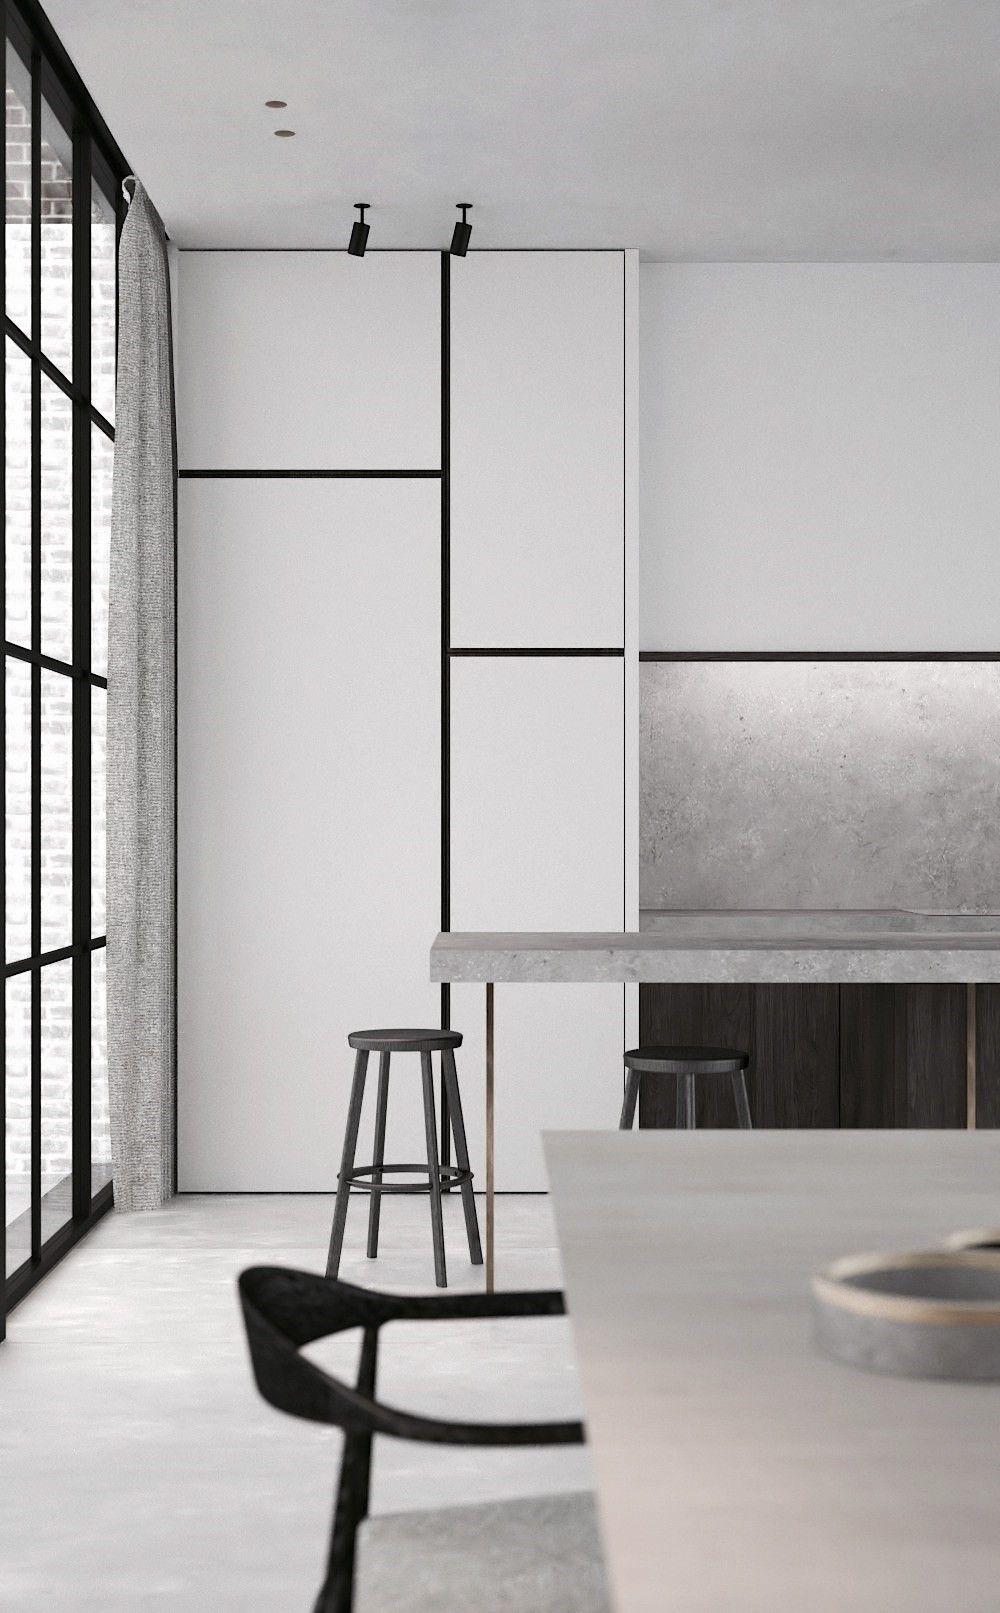 AD office interieurarchitectuur | Arch | Interior - Kitchen ...